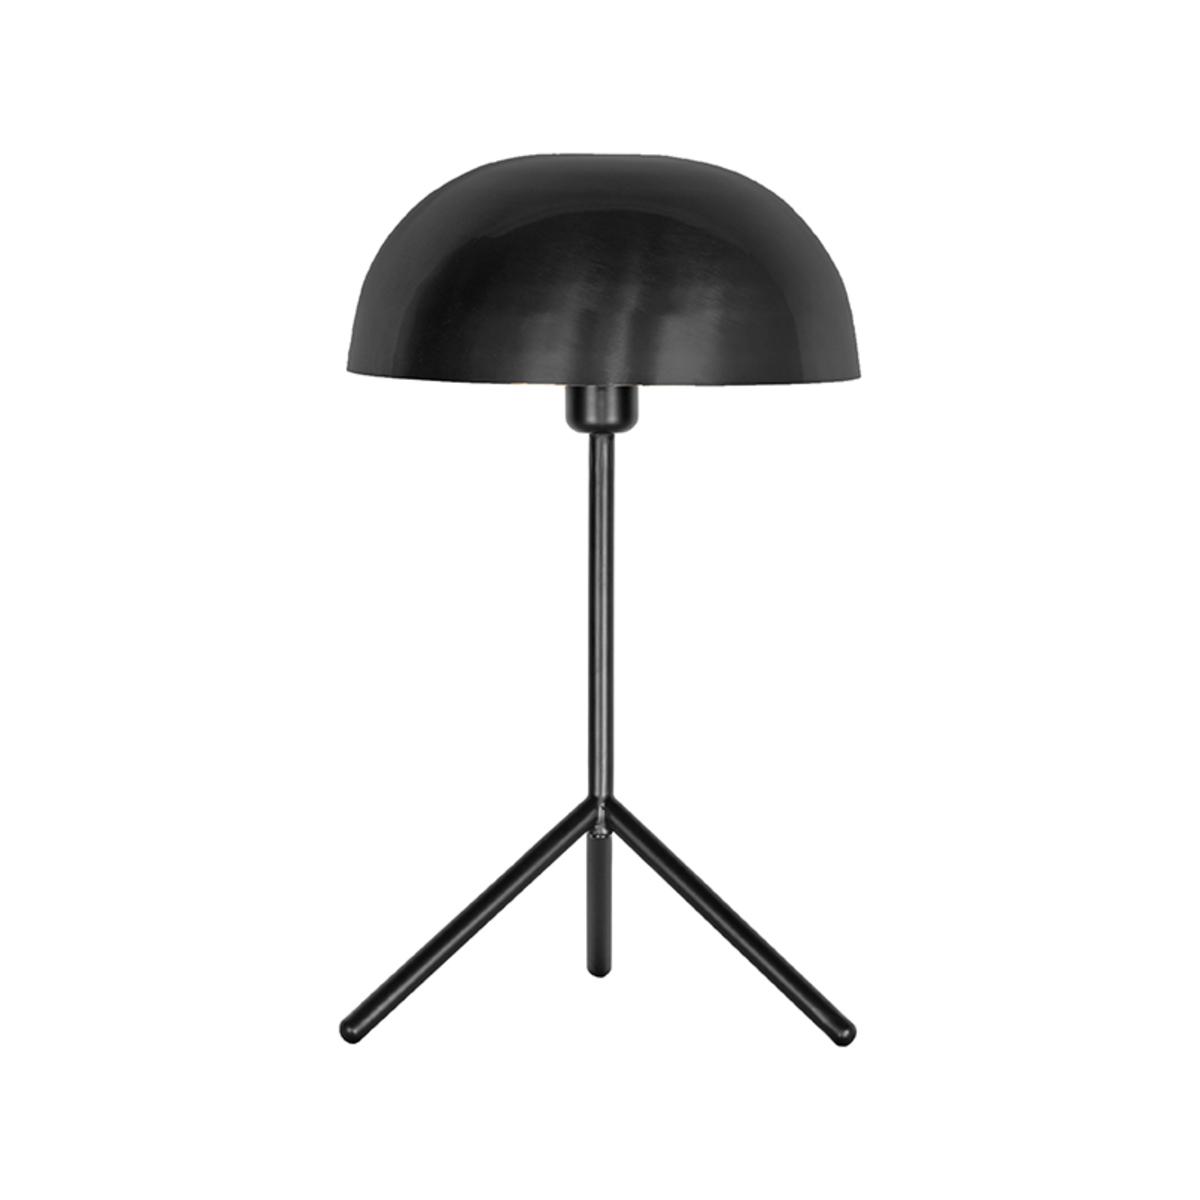 LABEL51 Tafellamp Globe - Zwart - Metaal